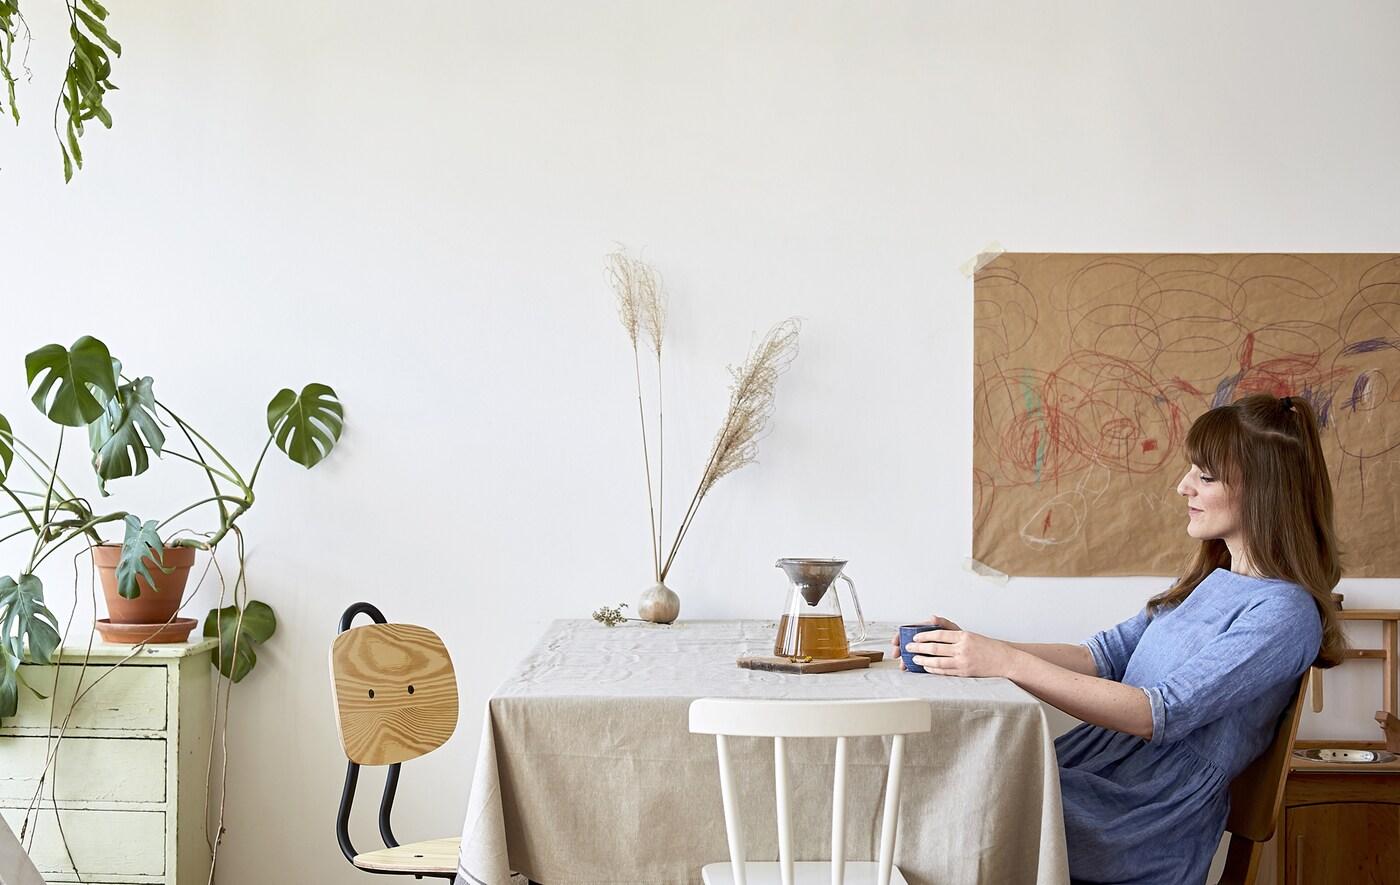 Eva assise à la table de la cuisine et buvant du thé dans une théière en verre.